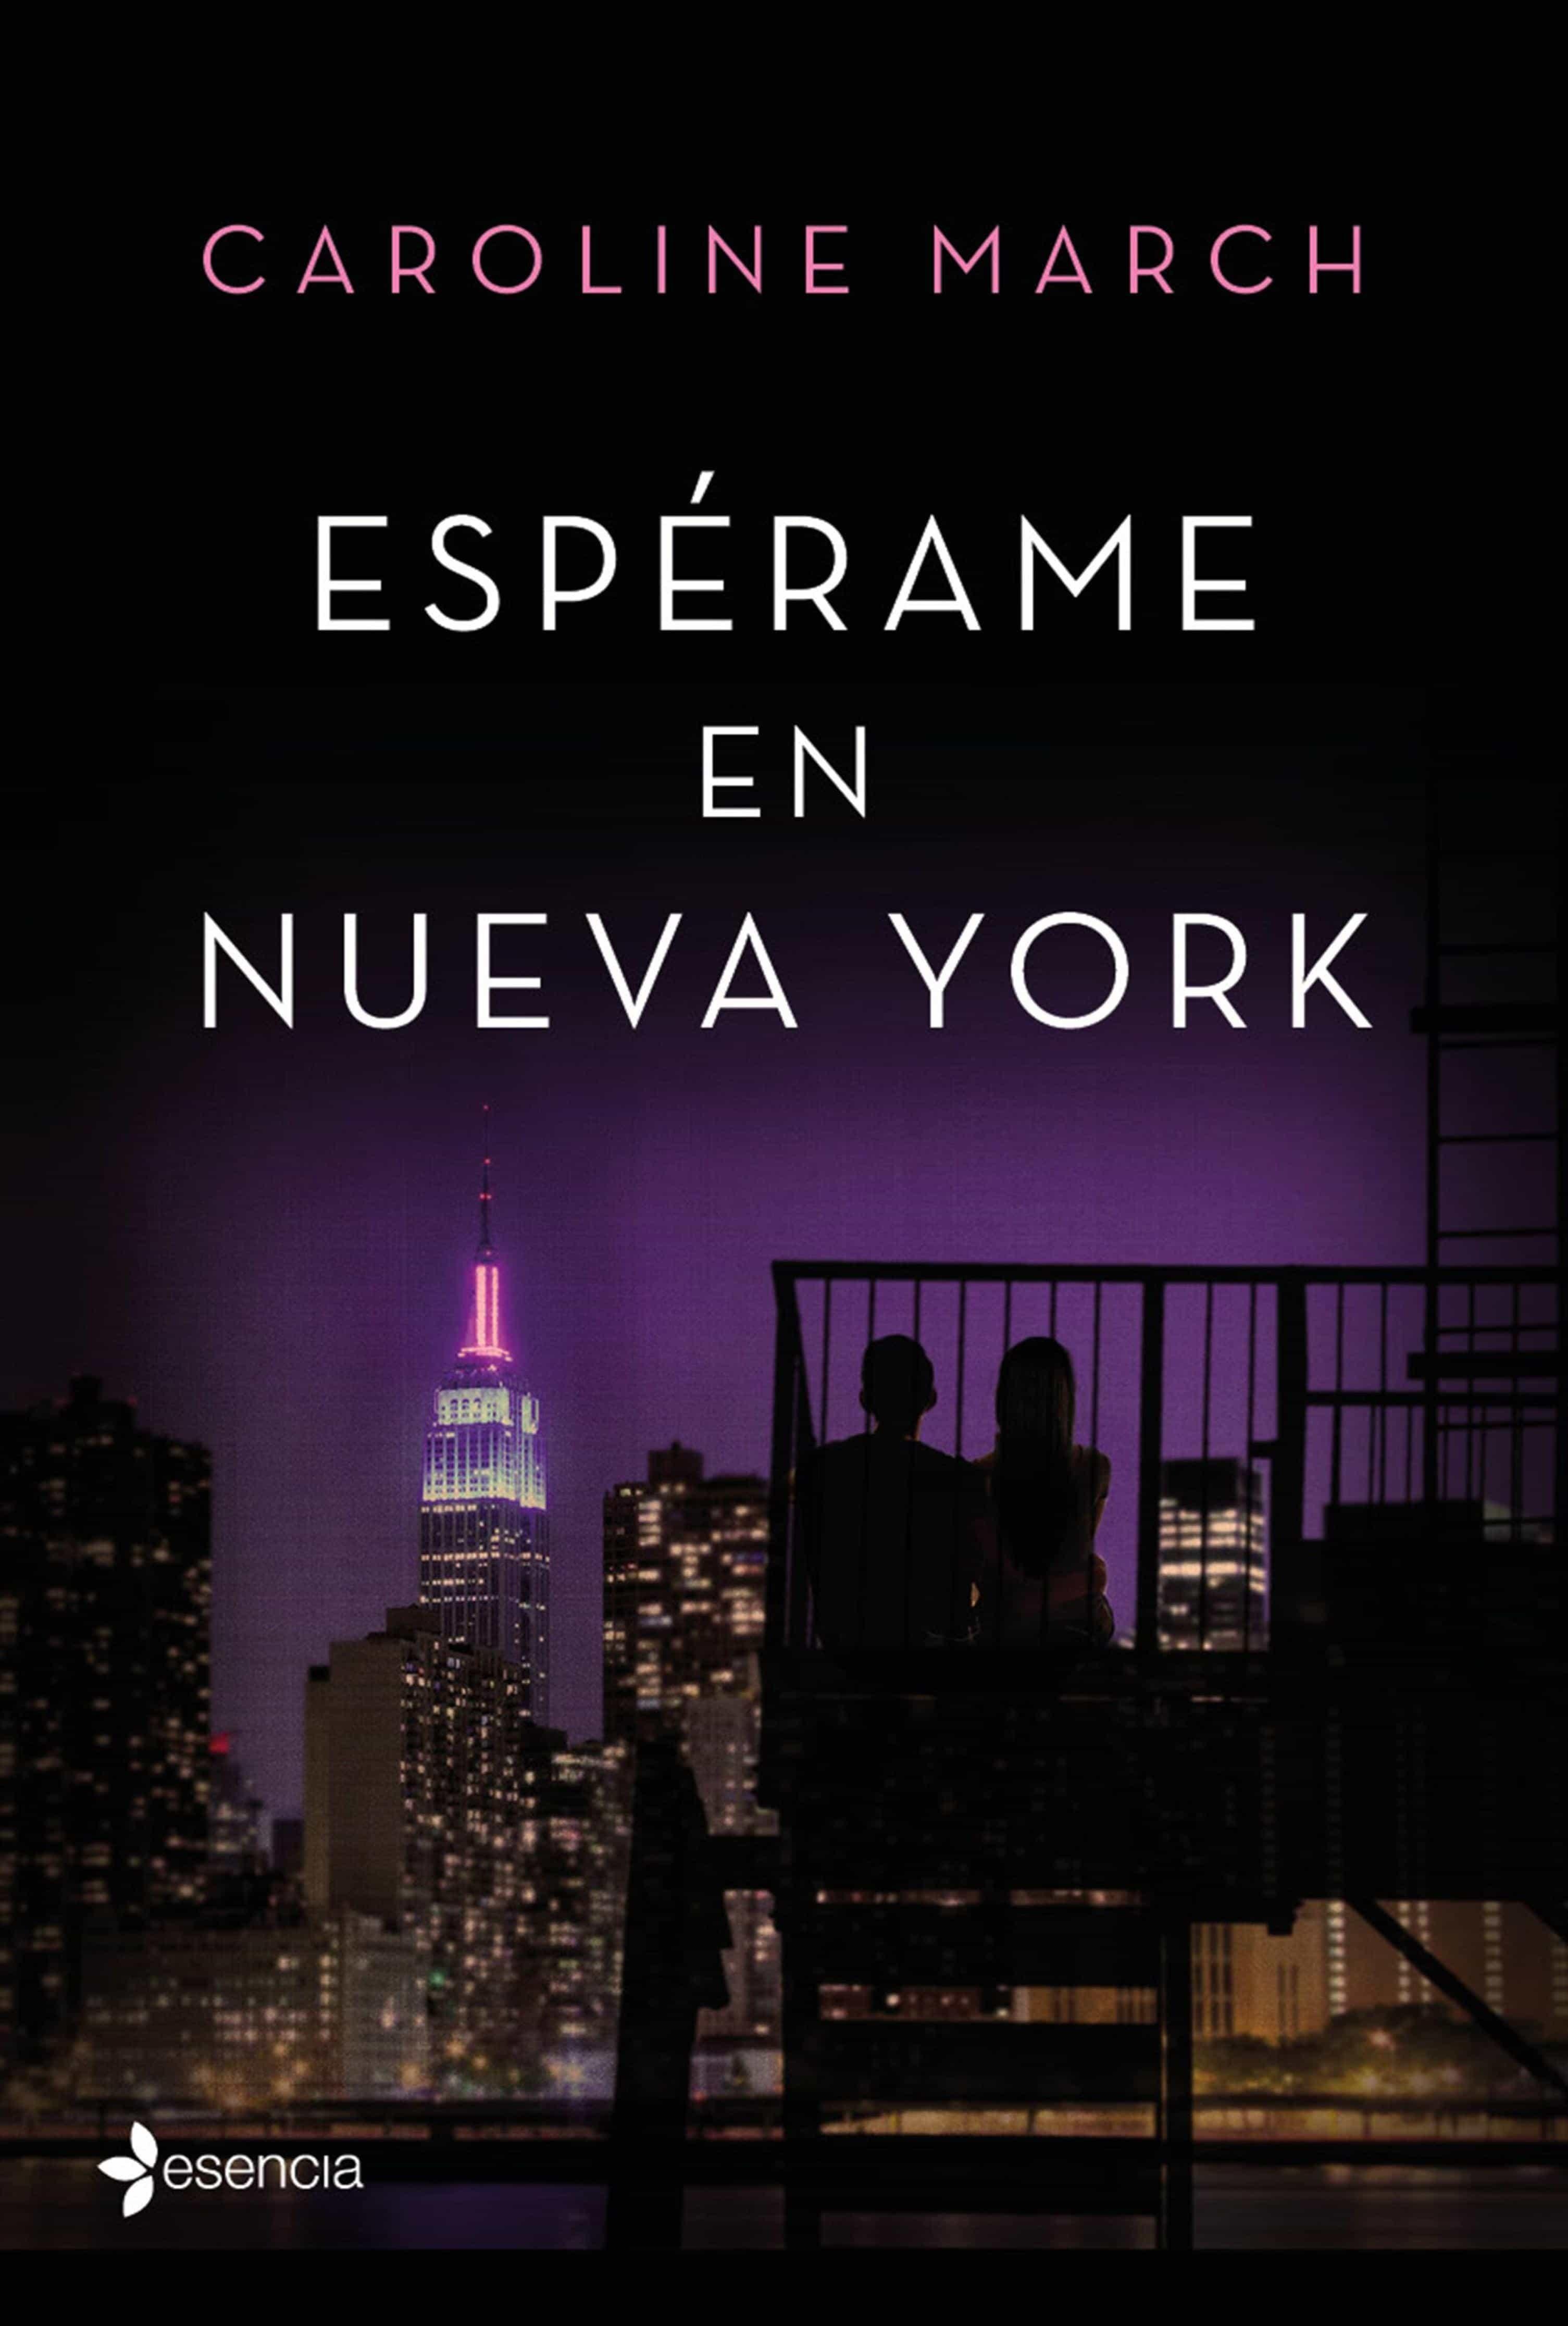 ESPÉRAME EN NUEVA YORK EBOOK | CAROLINE MARCH | Descargar libro PDF ...